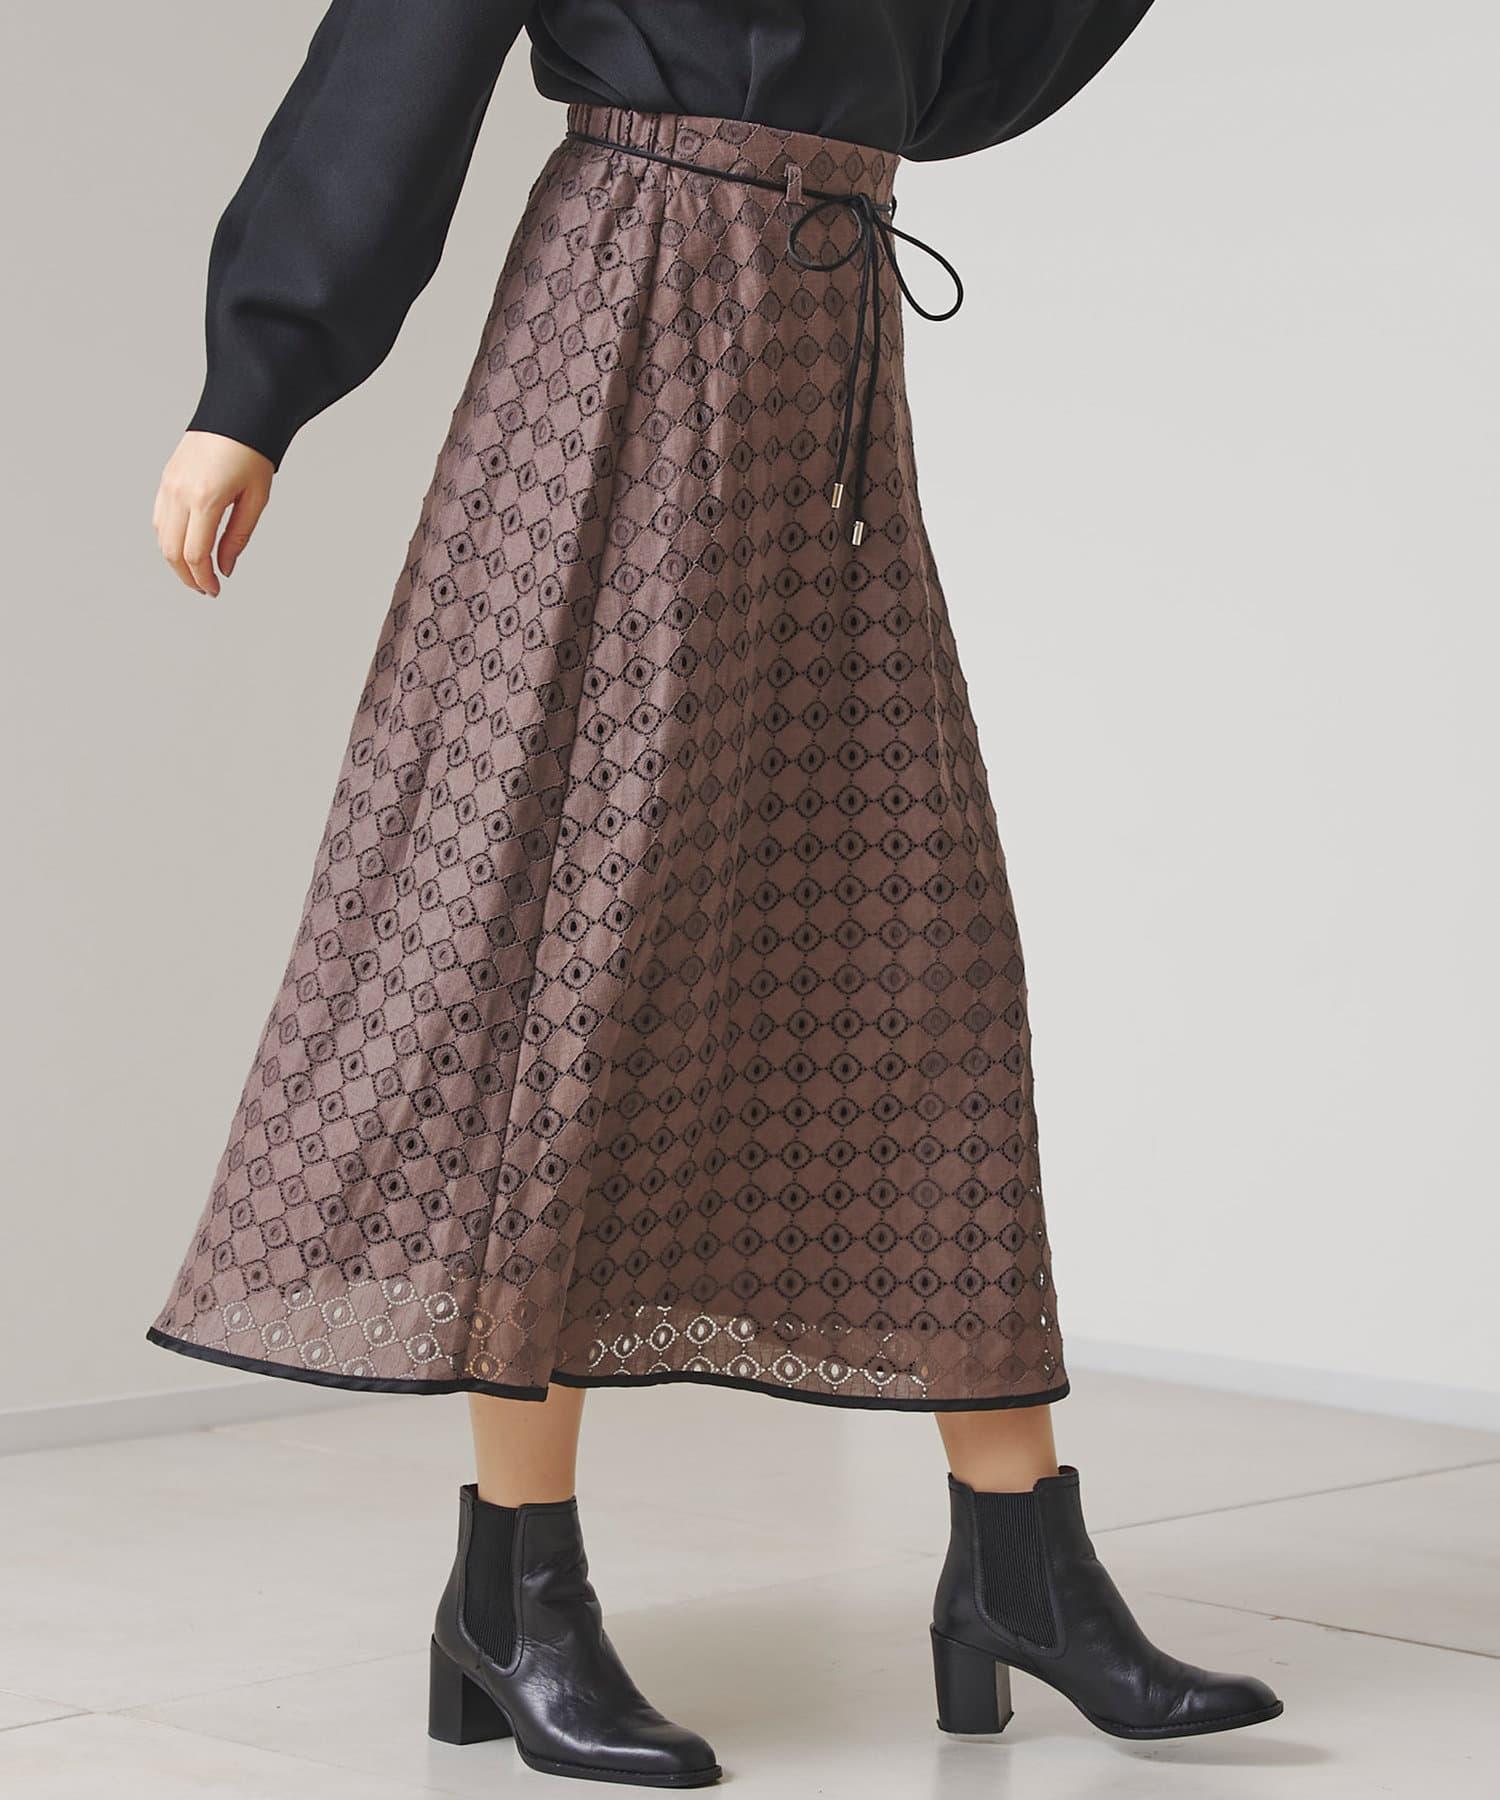 Chez toi(シェトワ) レトロレースパイピングロングスカート